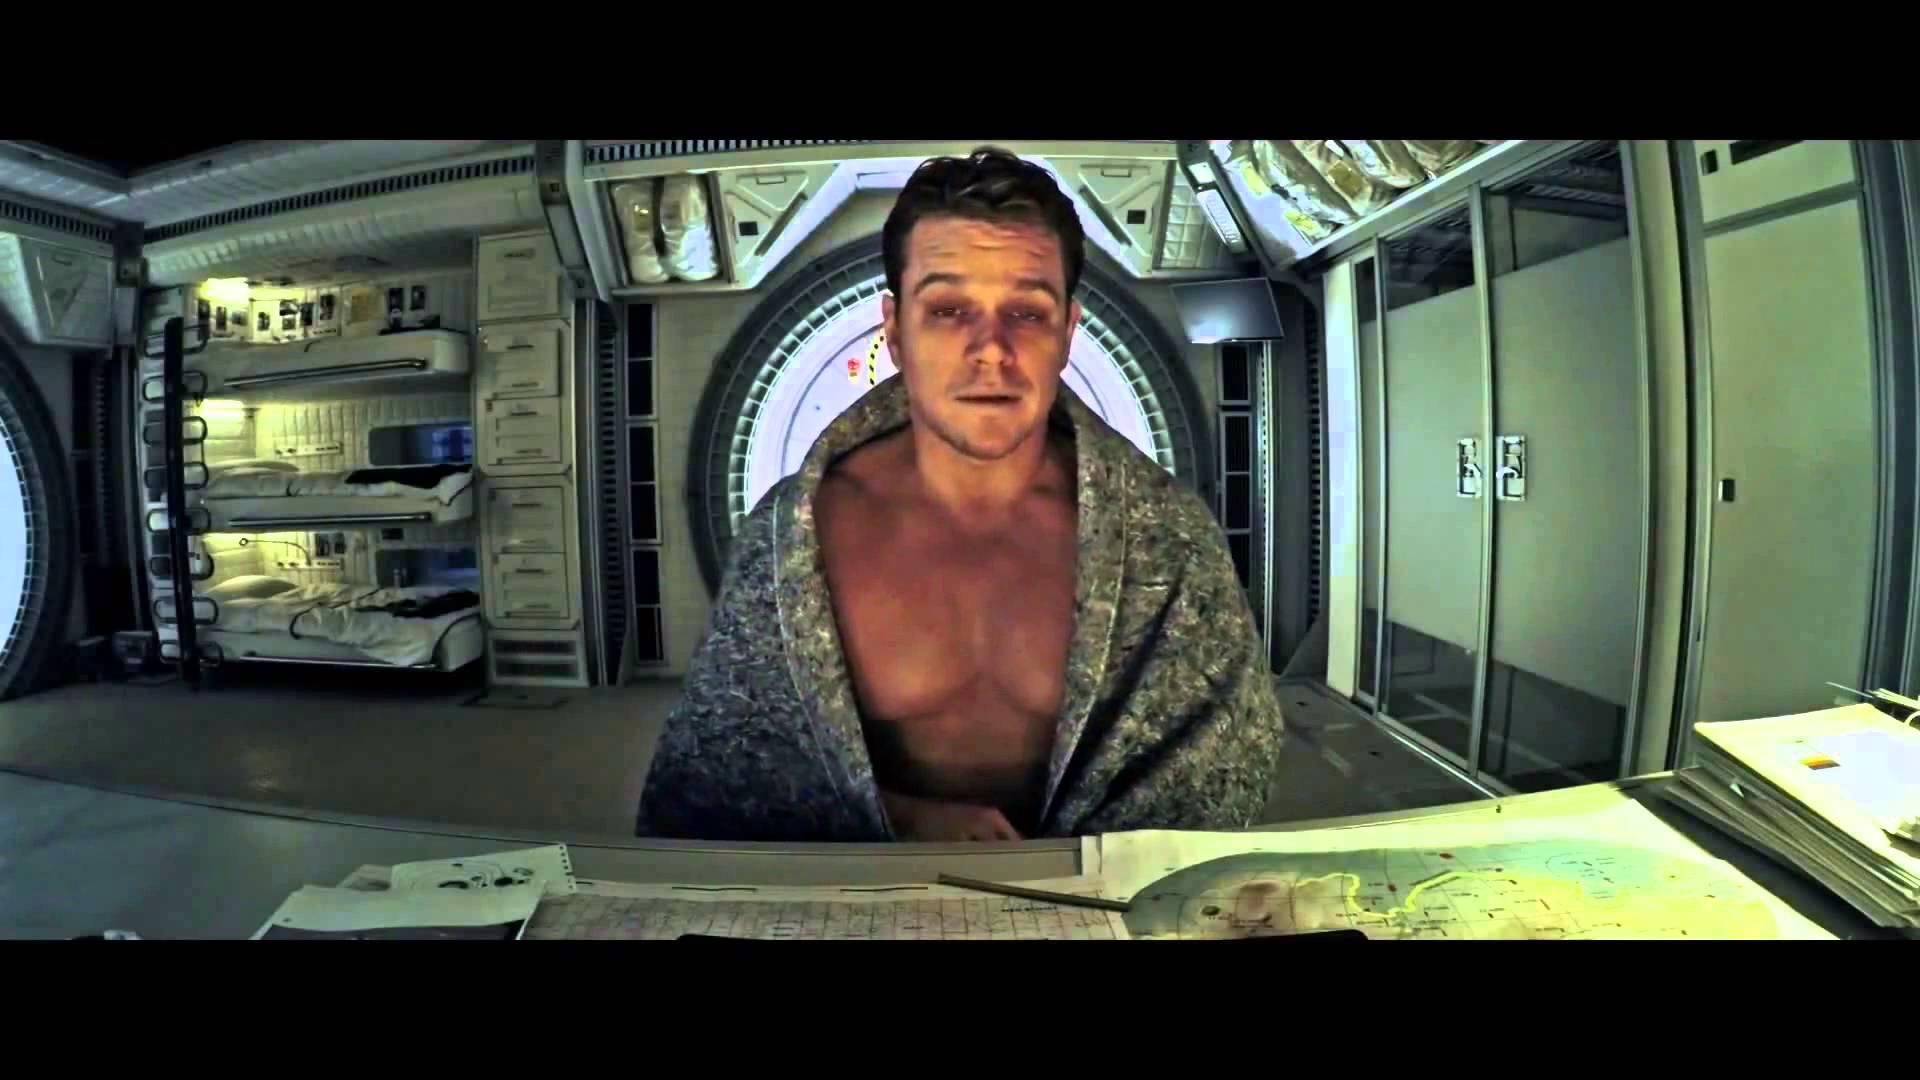 """Да здравствует разум! Рецензия на фильм """"Марсианин"""" - Изображение 3"""